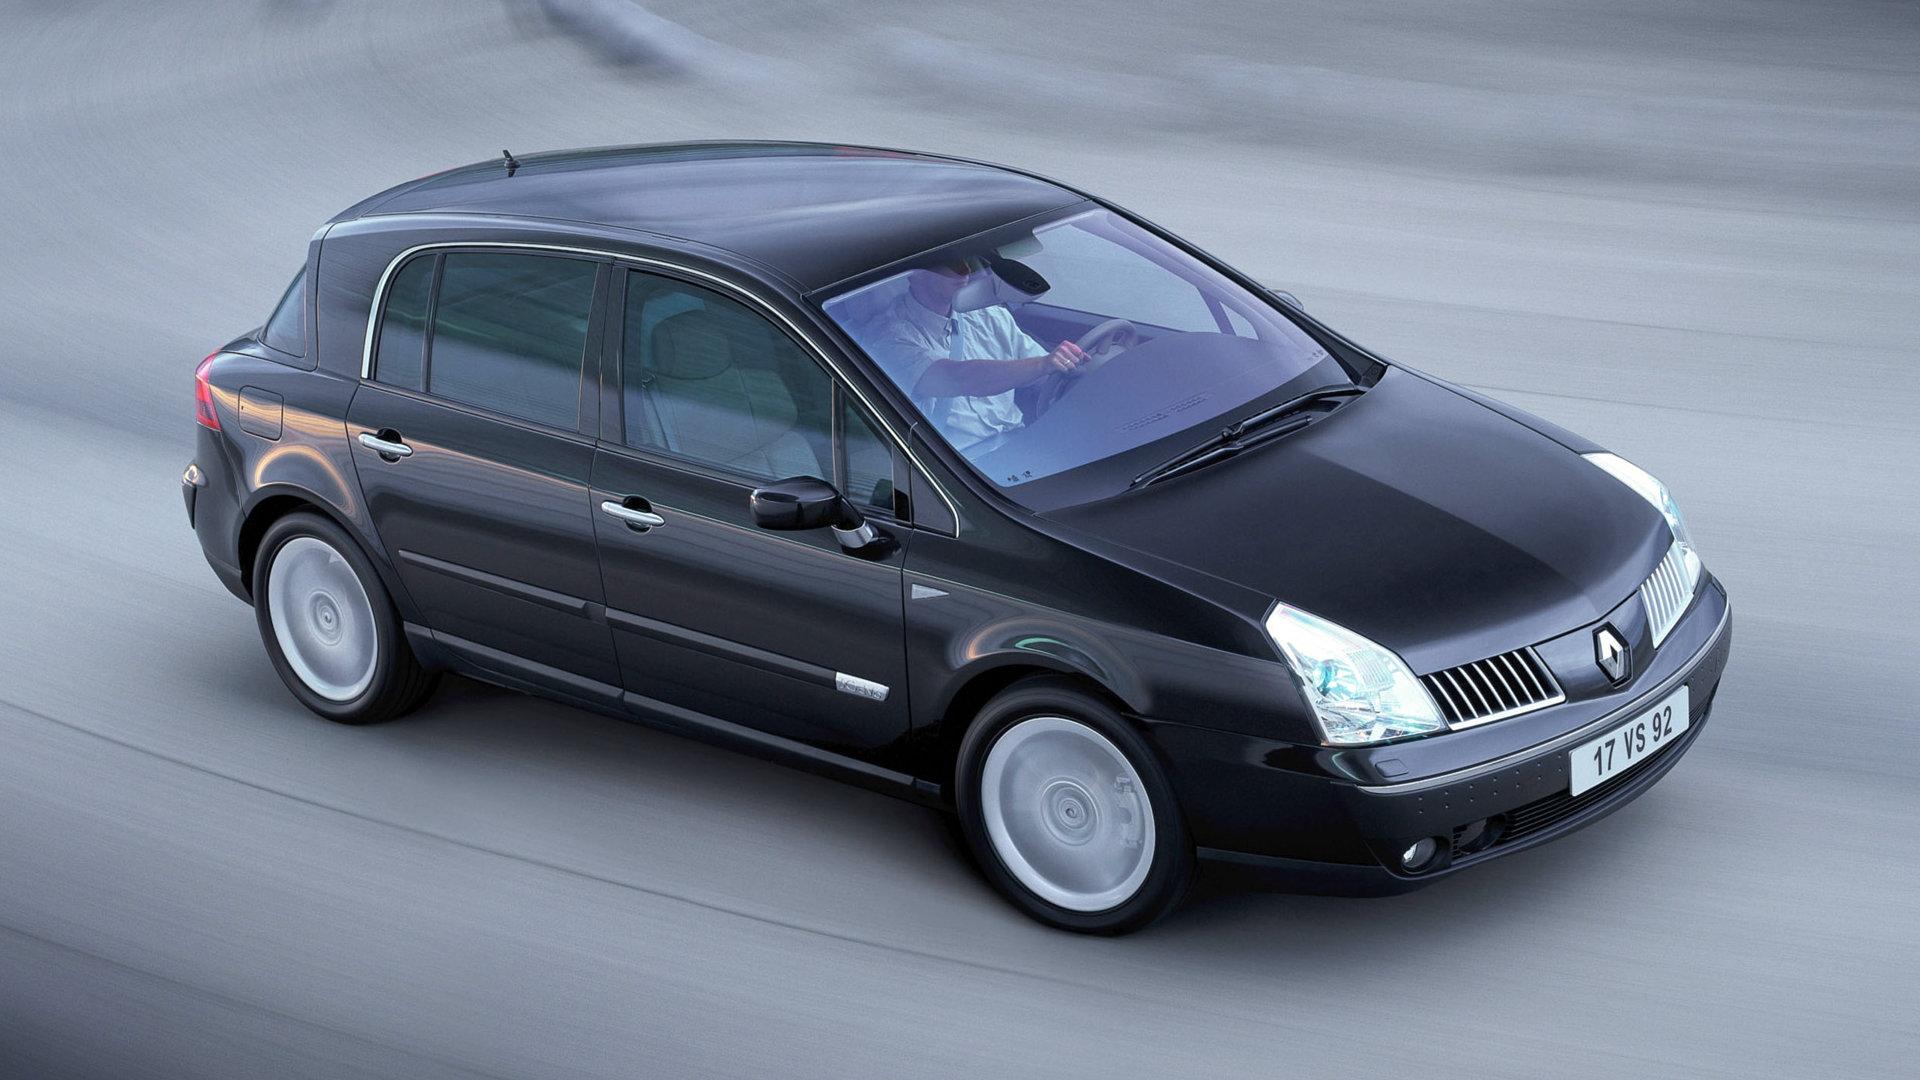 Renault Vel Satis 4